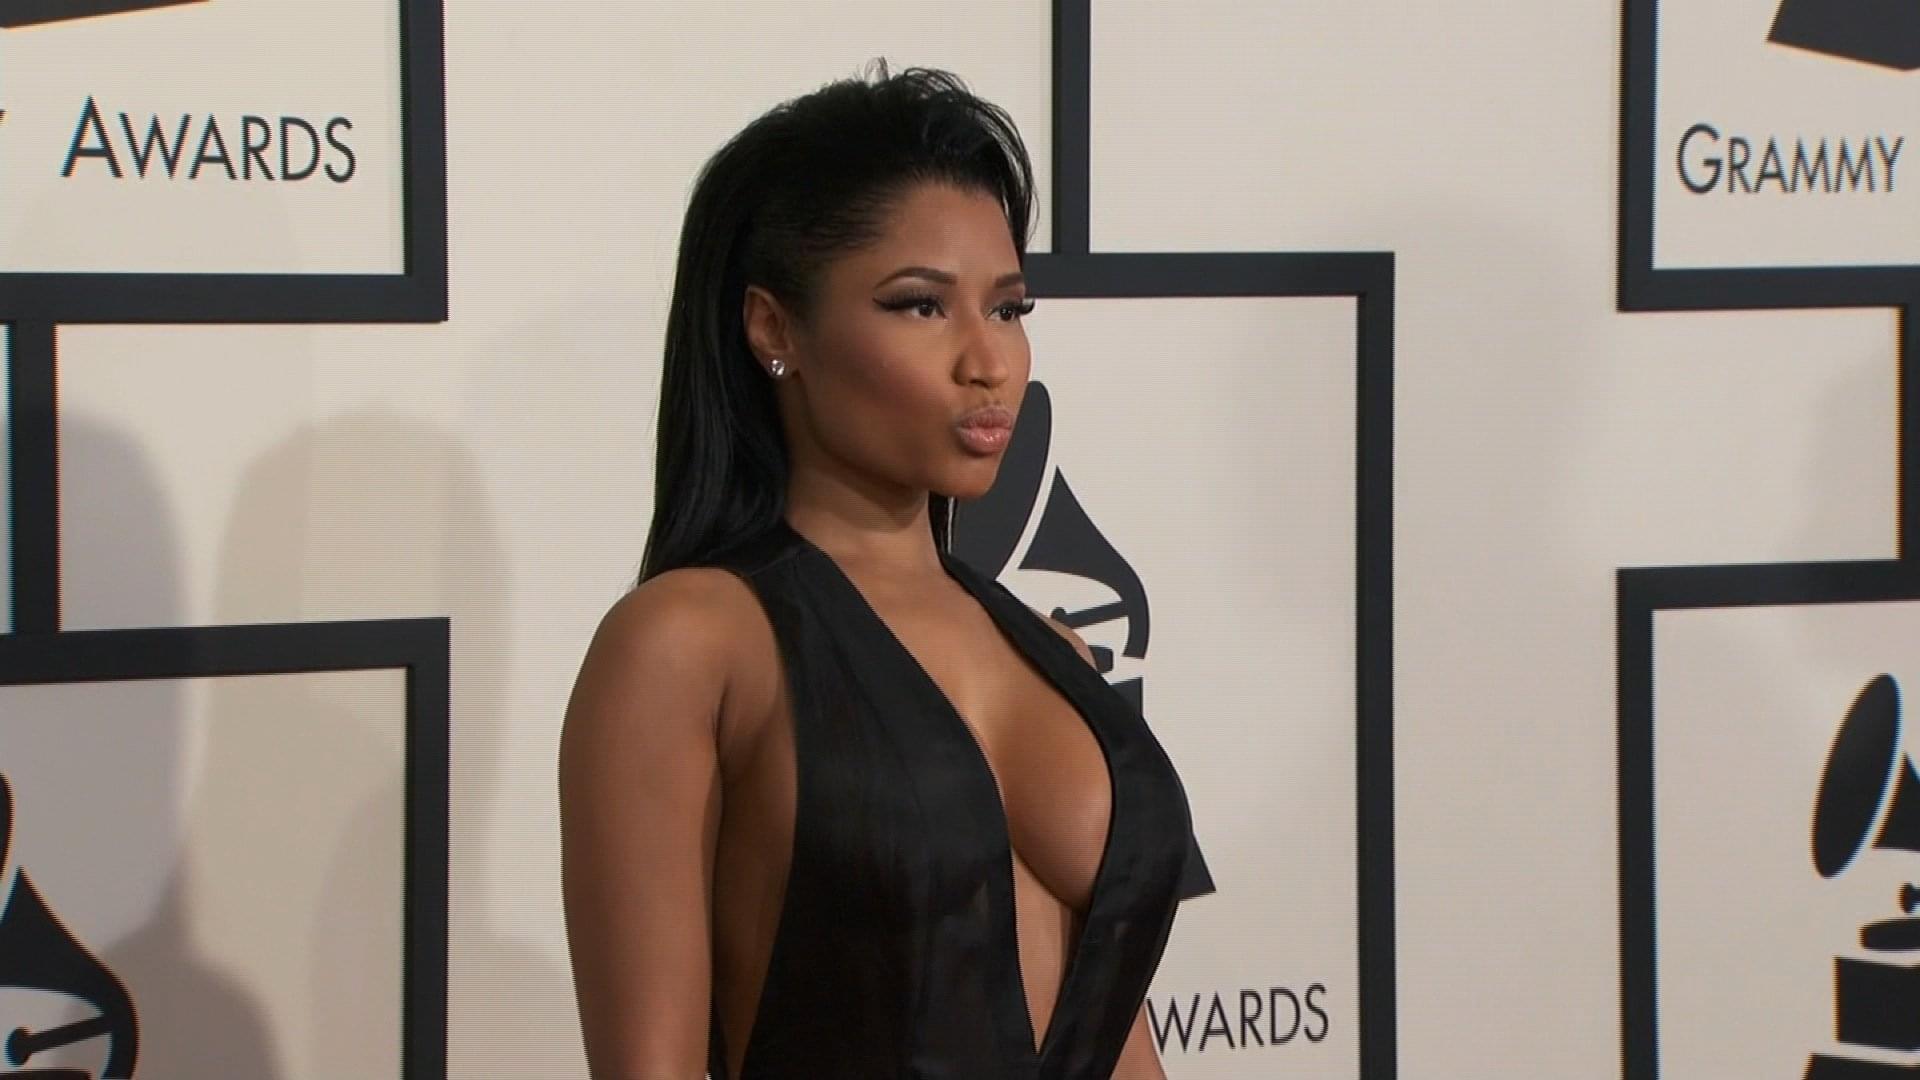 Rumor Is, Nicki Minaj's Camp Is Responsible For D'Angelo Russell Video Leak